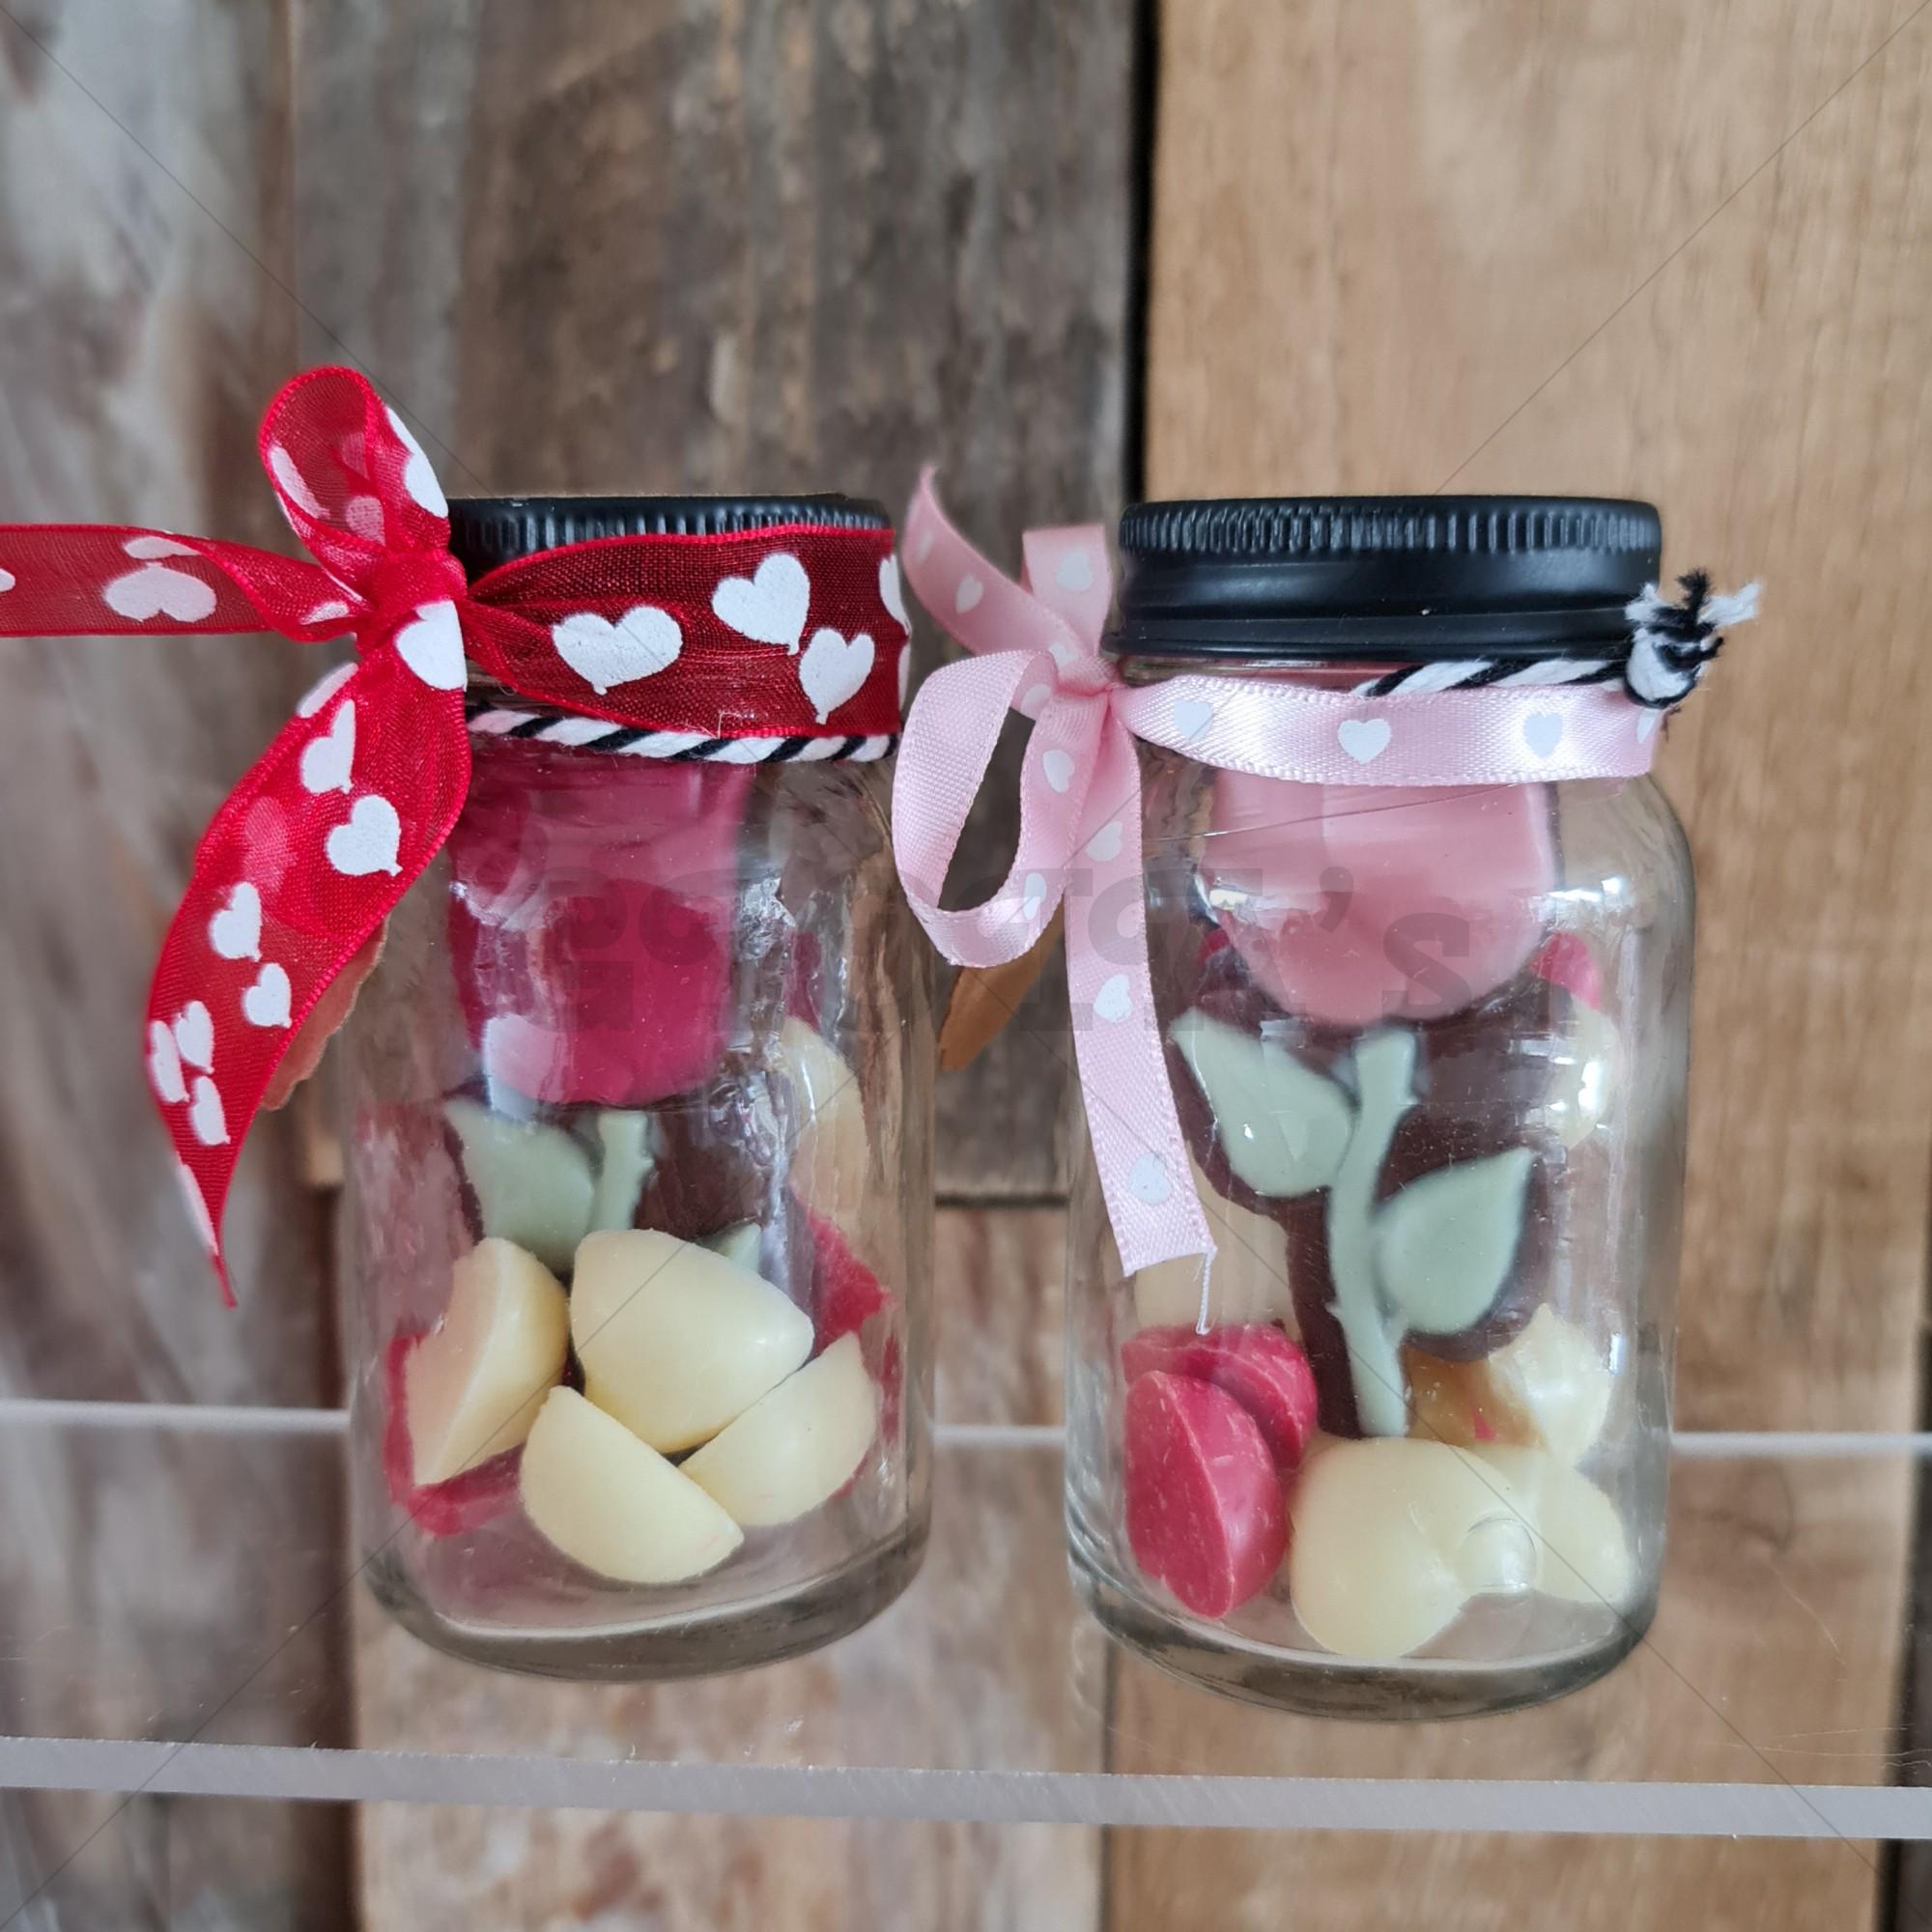 Glazen potje gevuld met chocolade speciaal voor moeder.